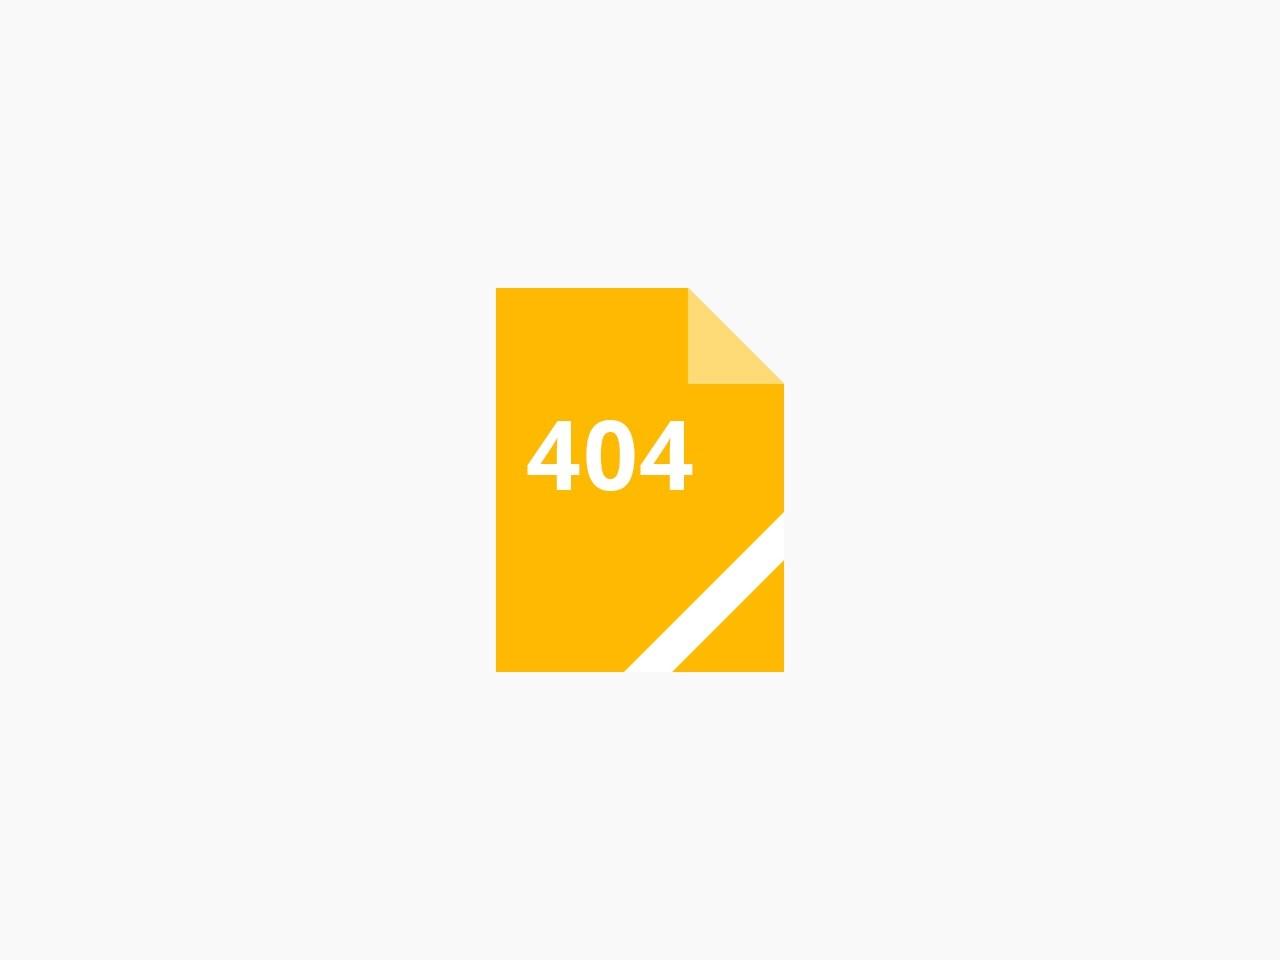 深圳市爱昊科技有限公司